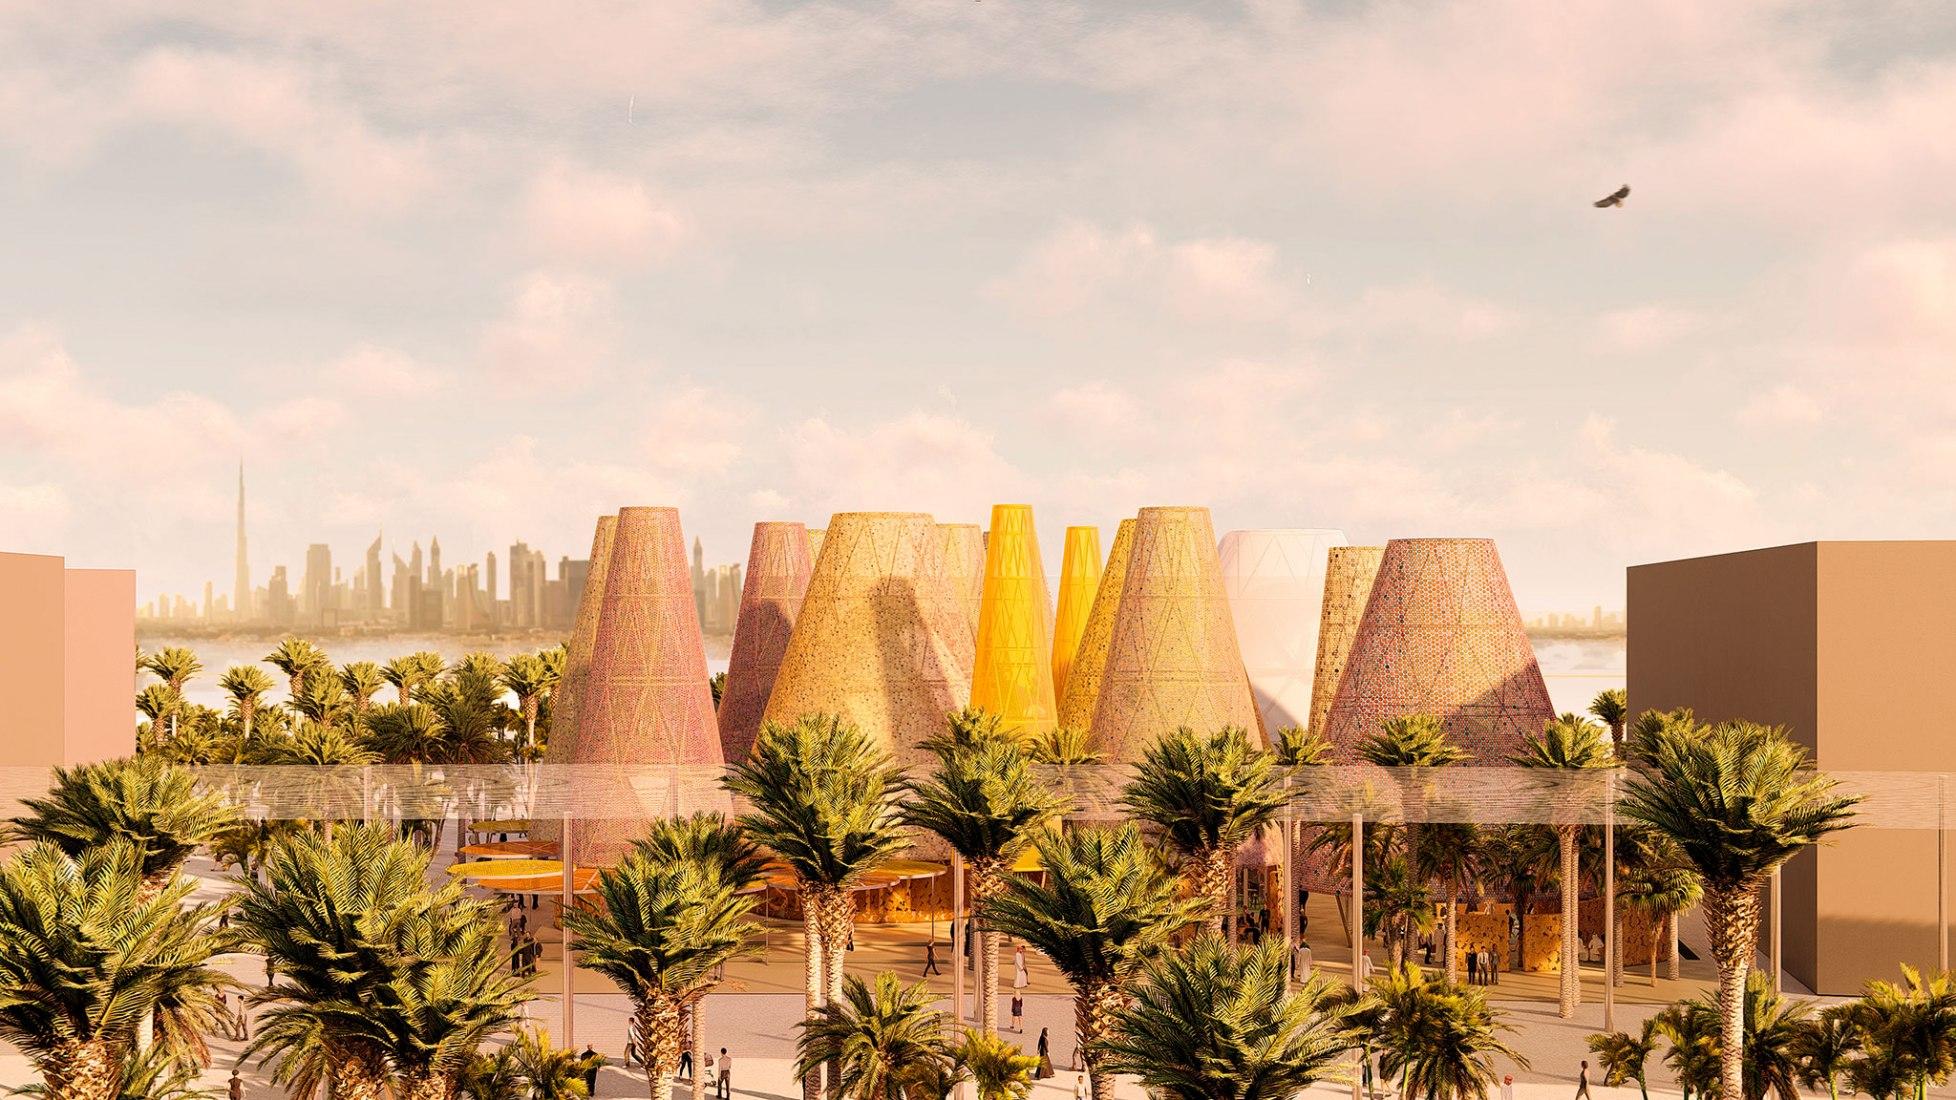 Vista desde lejos. Pabellón de España en la Expo Dubai 2020 por Amann-Canovas-Maruri